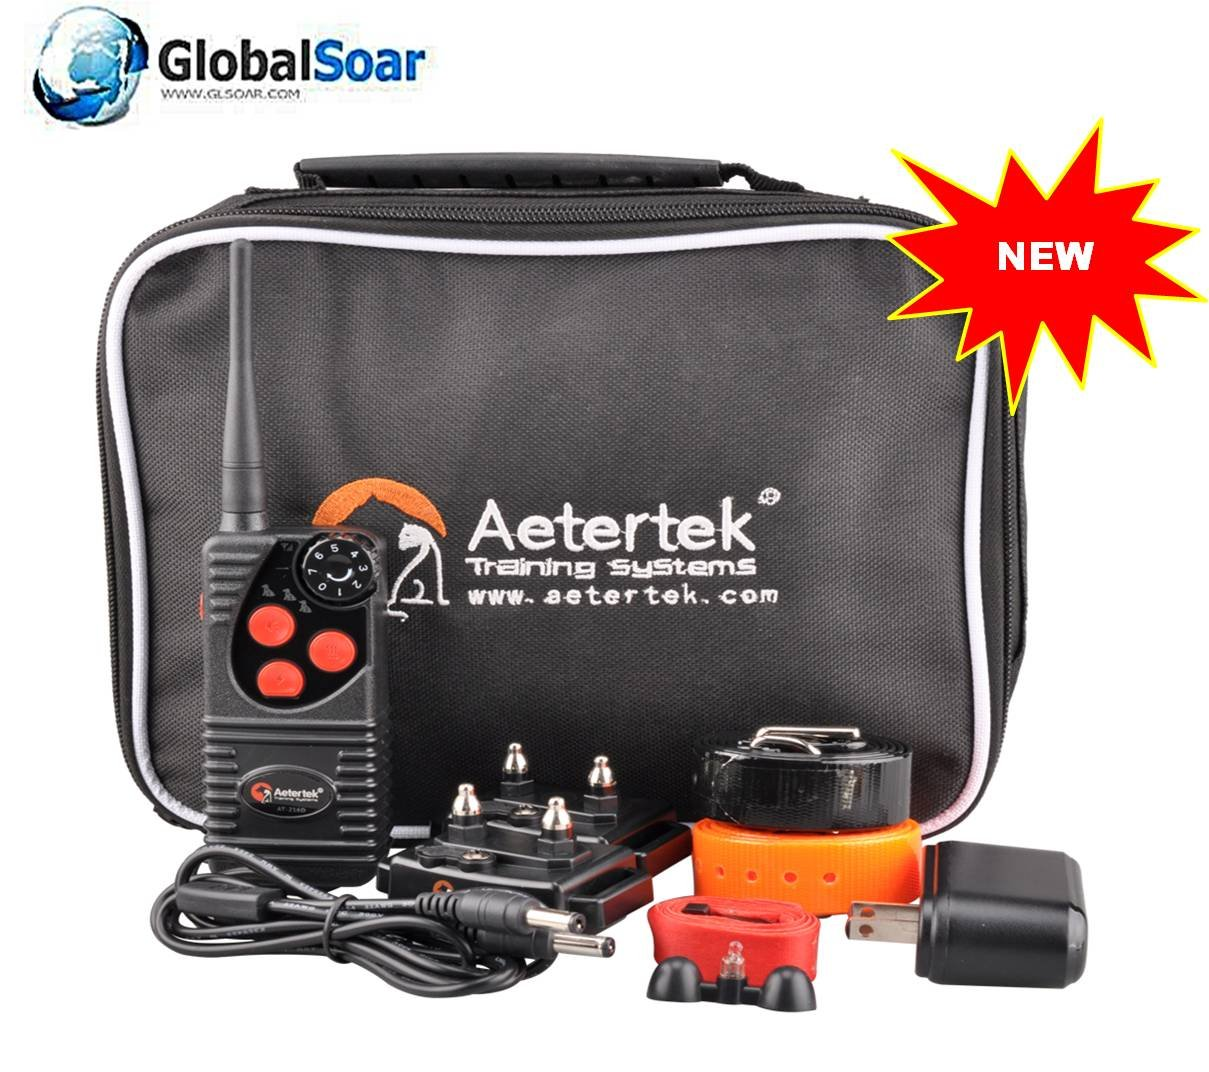 Aetertek 216D 550S 2 Training Waterproof Collar